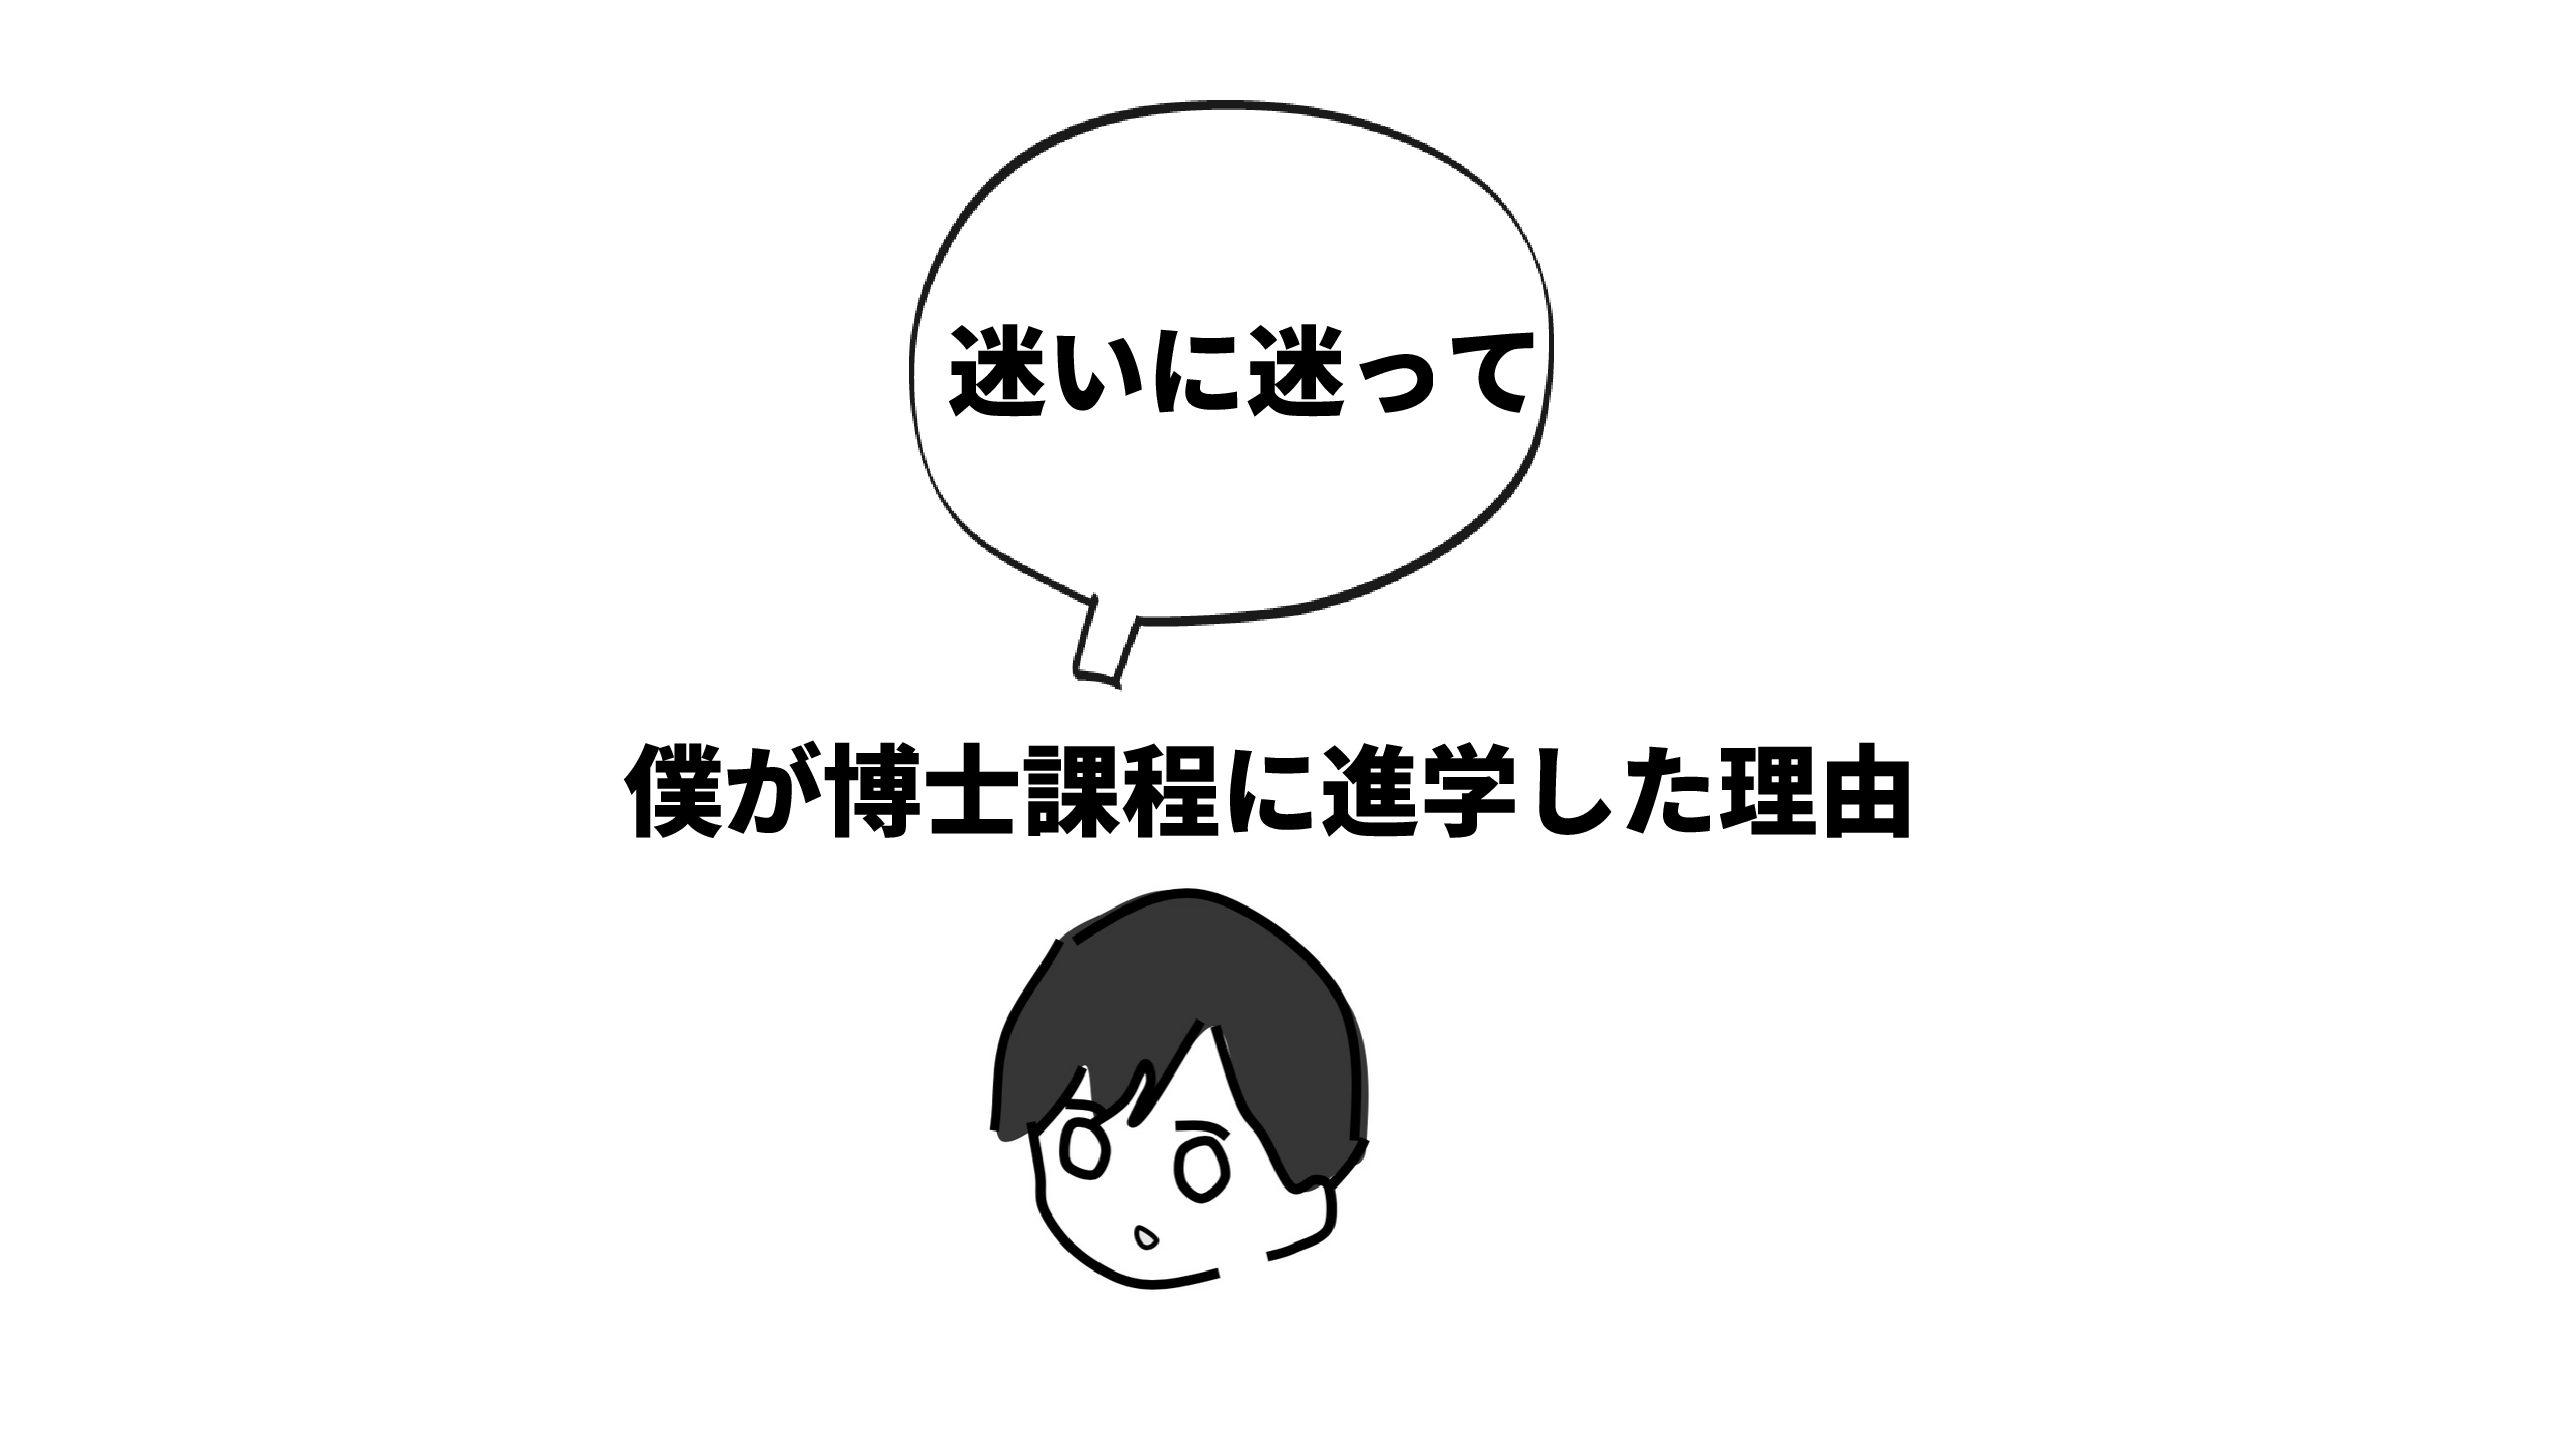 号 読み方 博士 大学院卒における「博士号」の取得方法・種類などを徹底解説